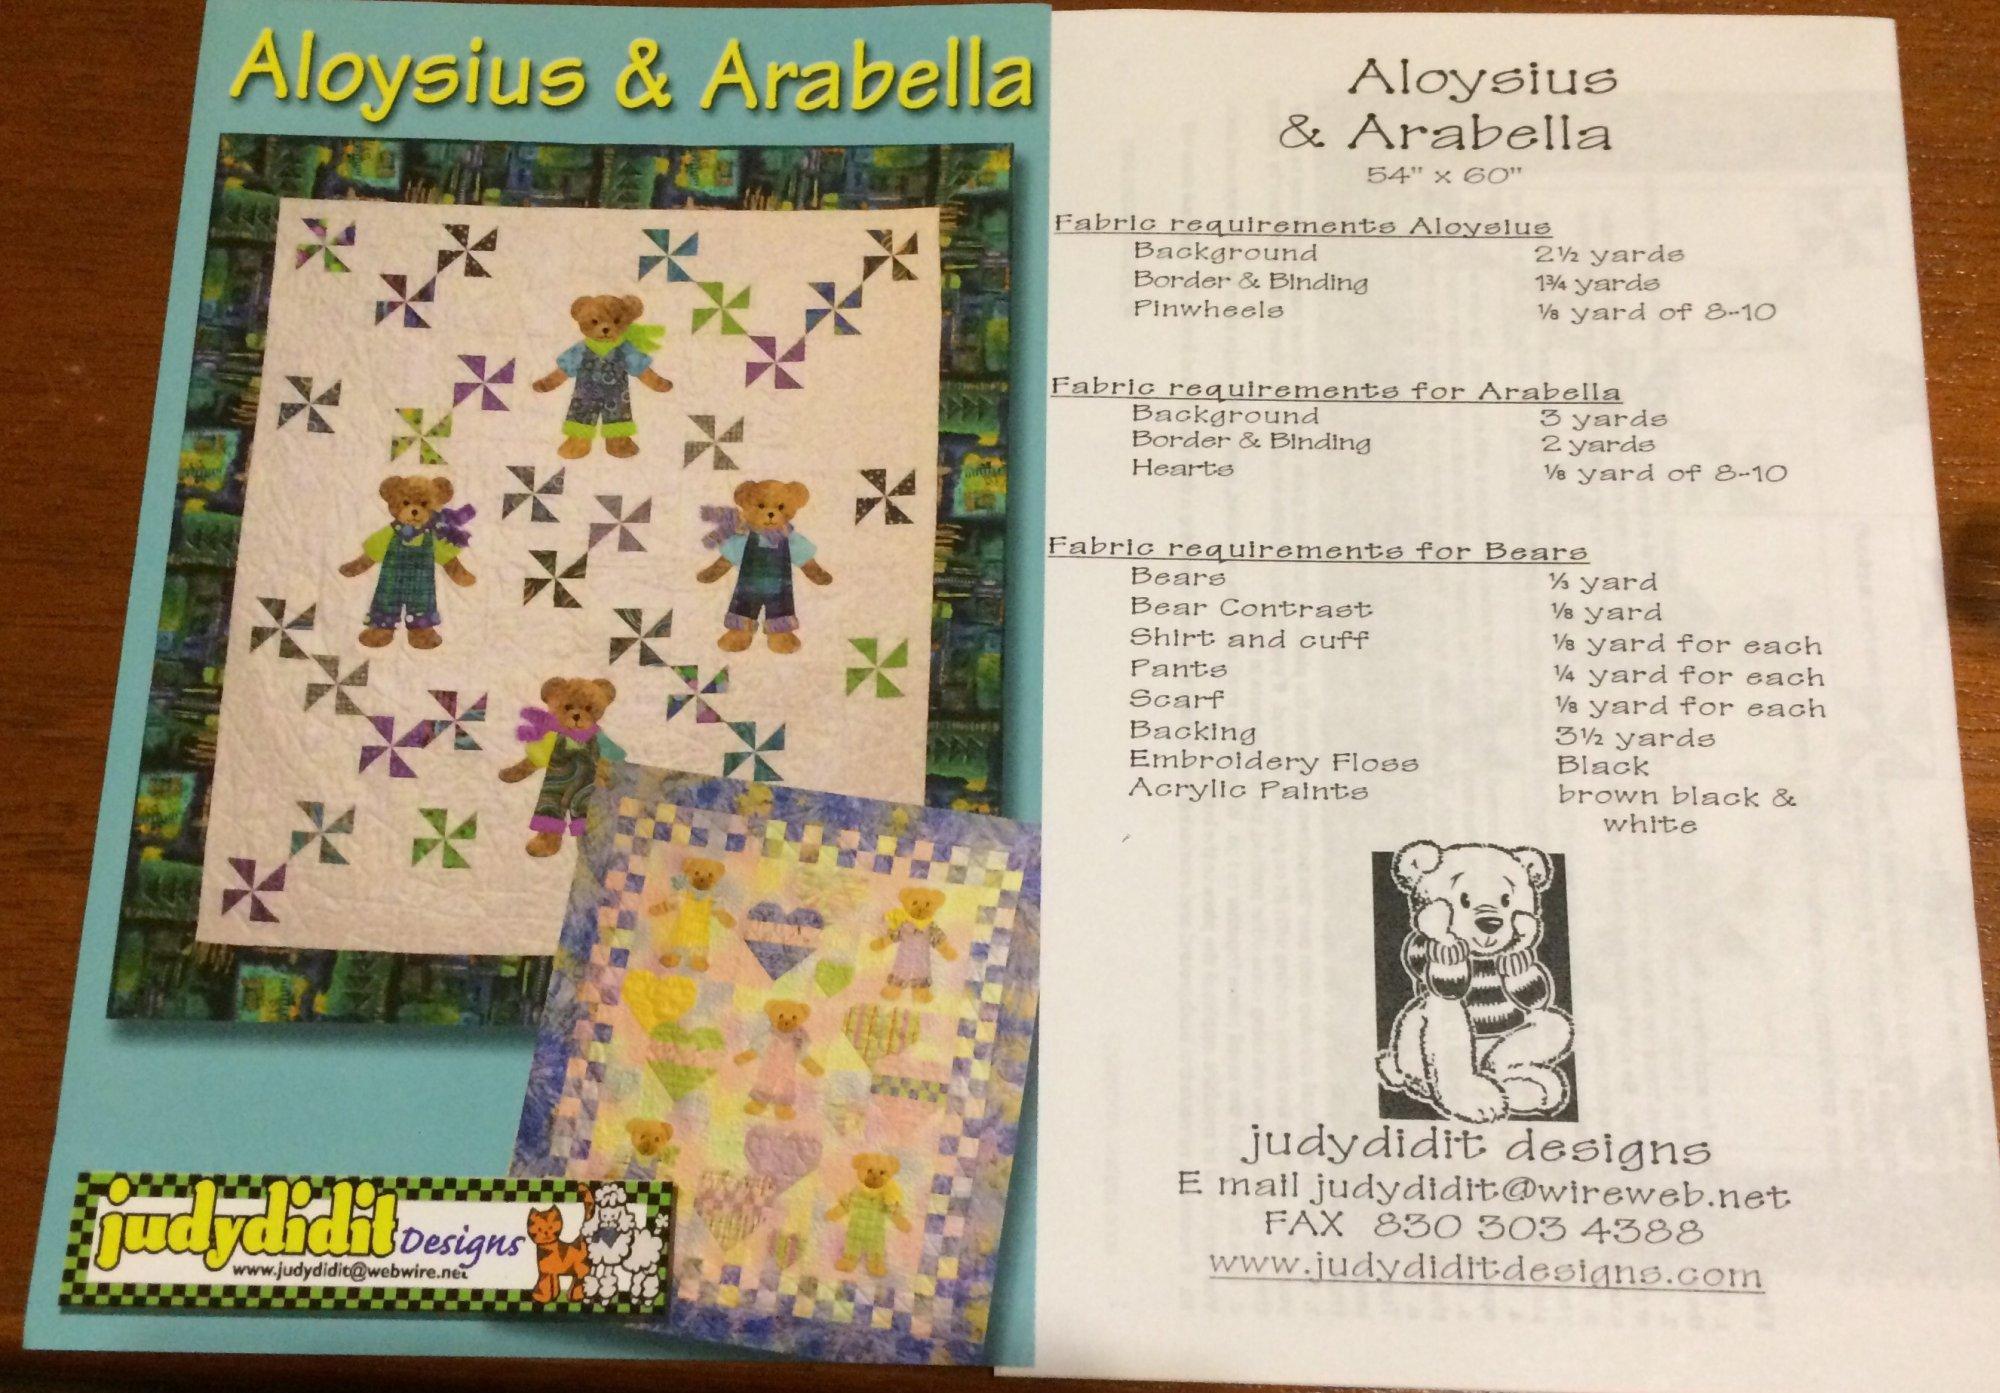 Aloysius & Arabella by Judydidit Designs